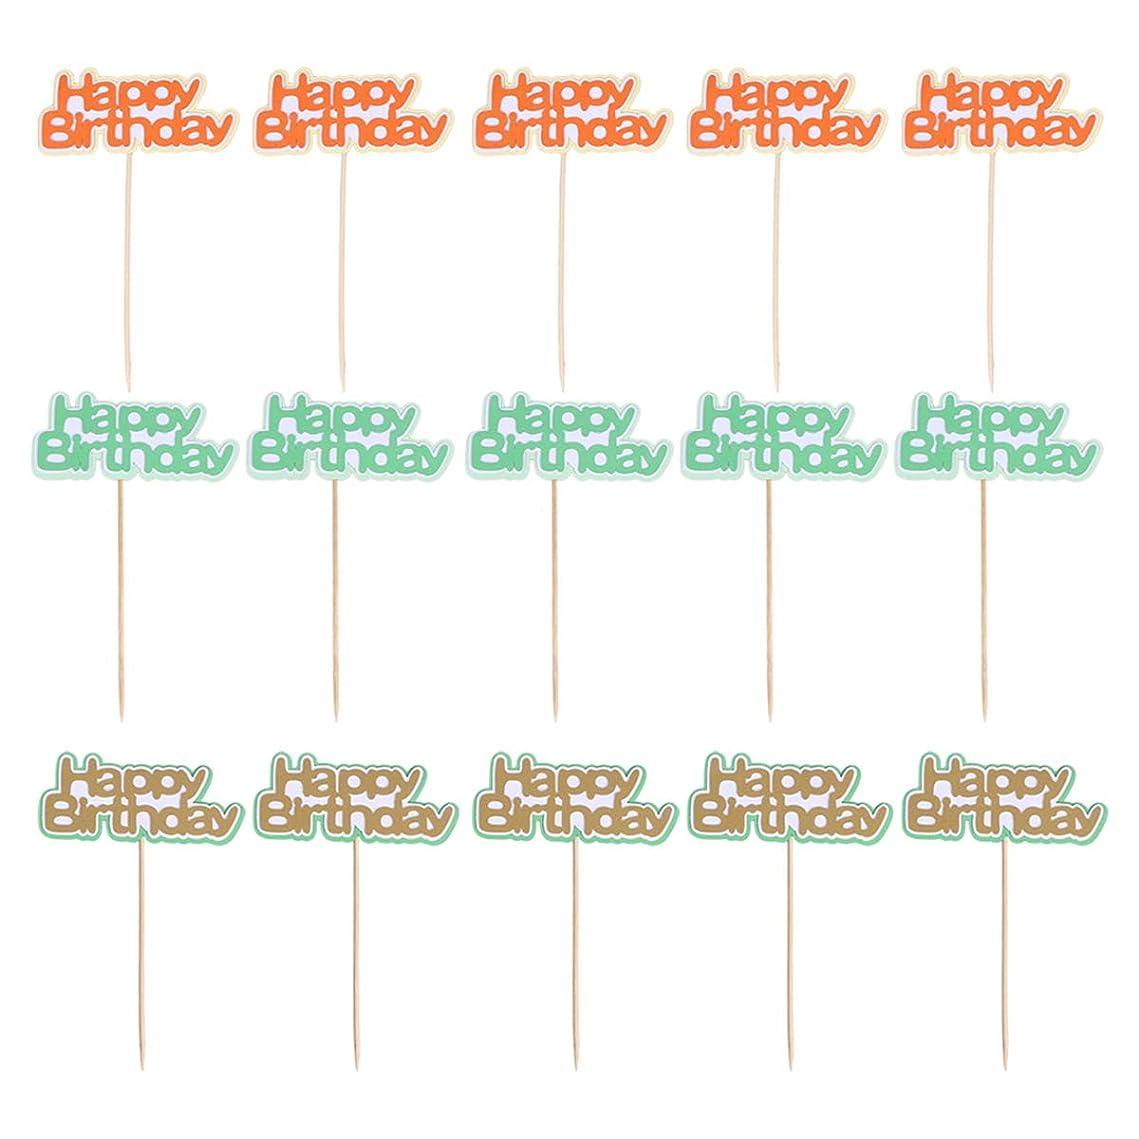 付録種をまくダイヤル15ピースお誕生日おめでとう手紙ケーキ挿入スタイリッシュなパーティー装飾カップケーキトッパー紙ケーキデコレーショントッパー誕生日パーティーの好意(緑と茶色とオレンジ色、各色5個)